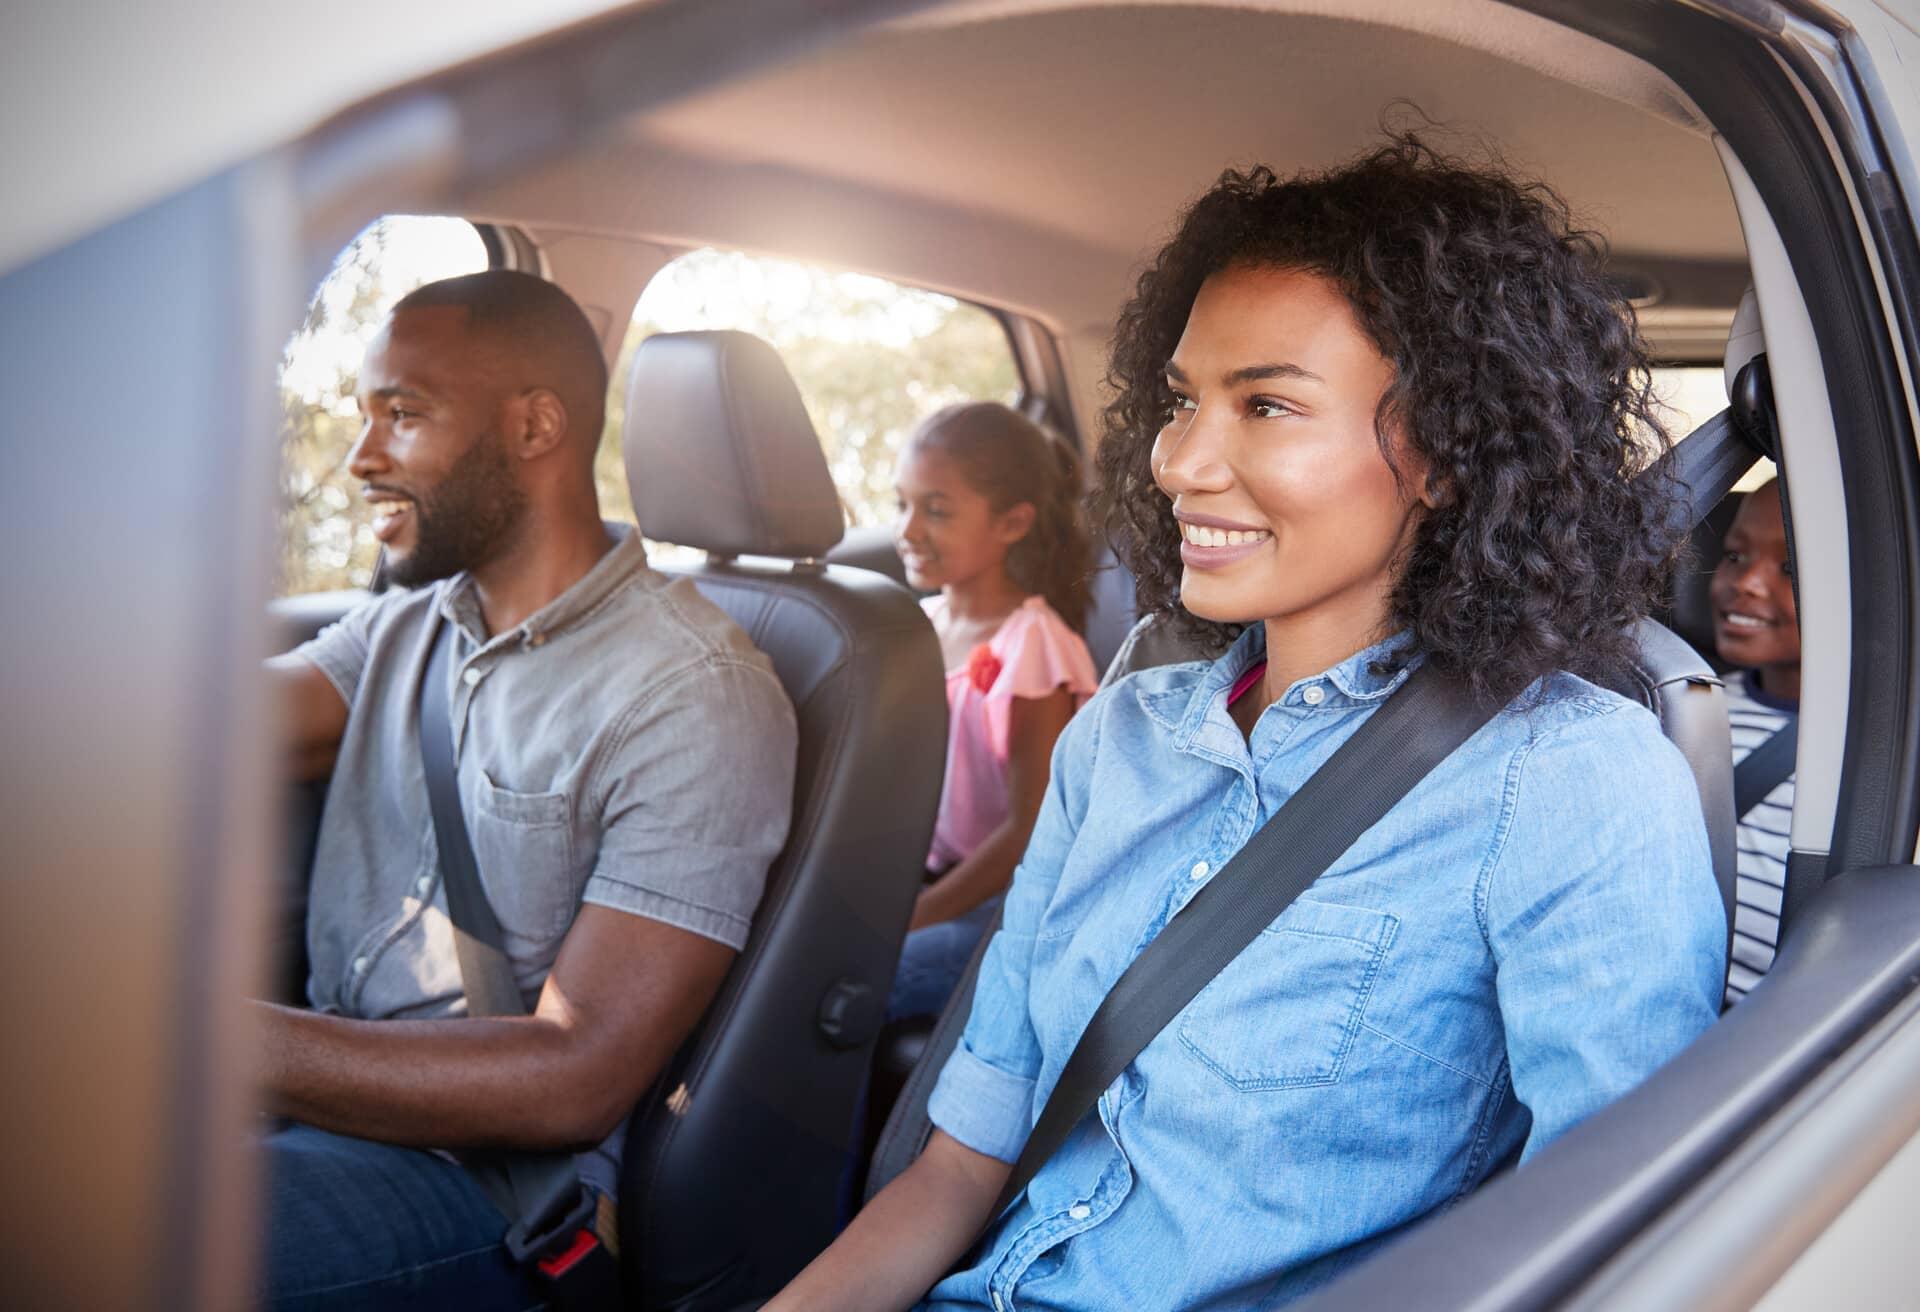 Eine Familie im Auto, die ihren Roadtrip genießt.